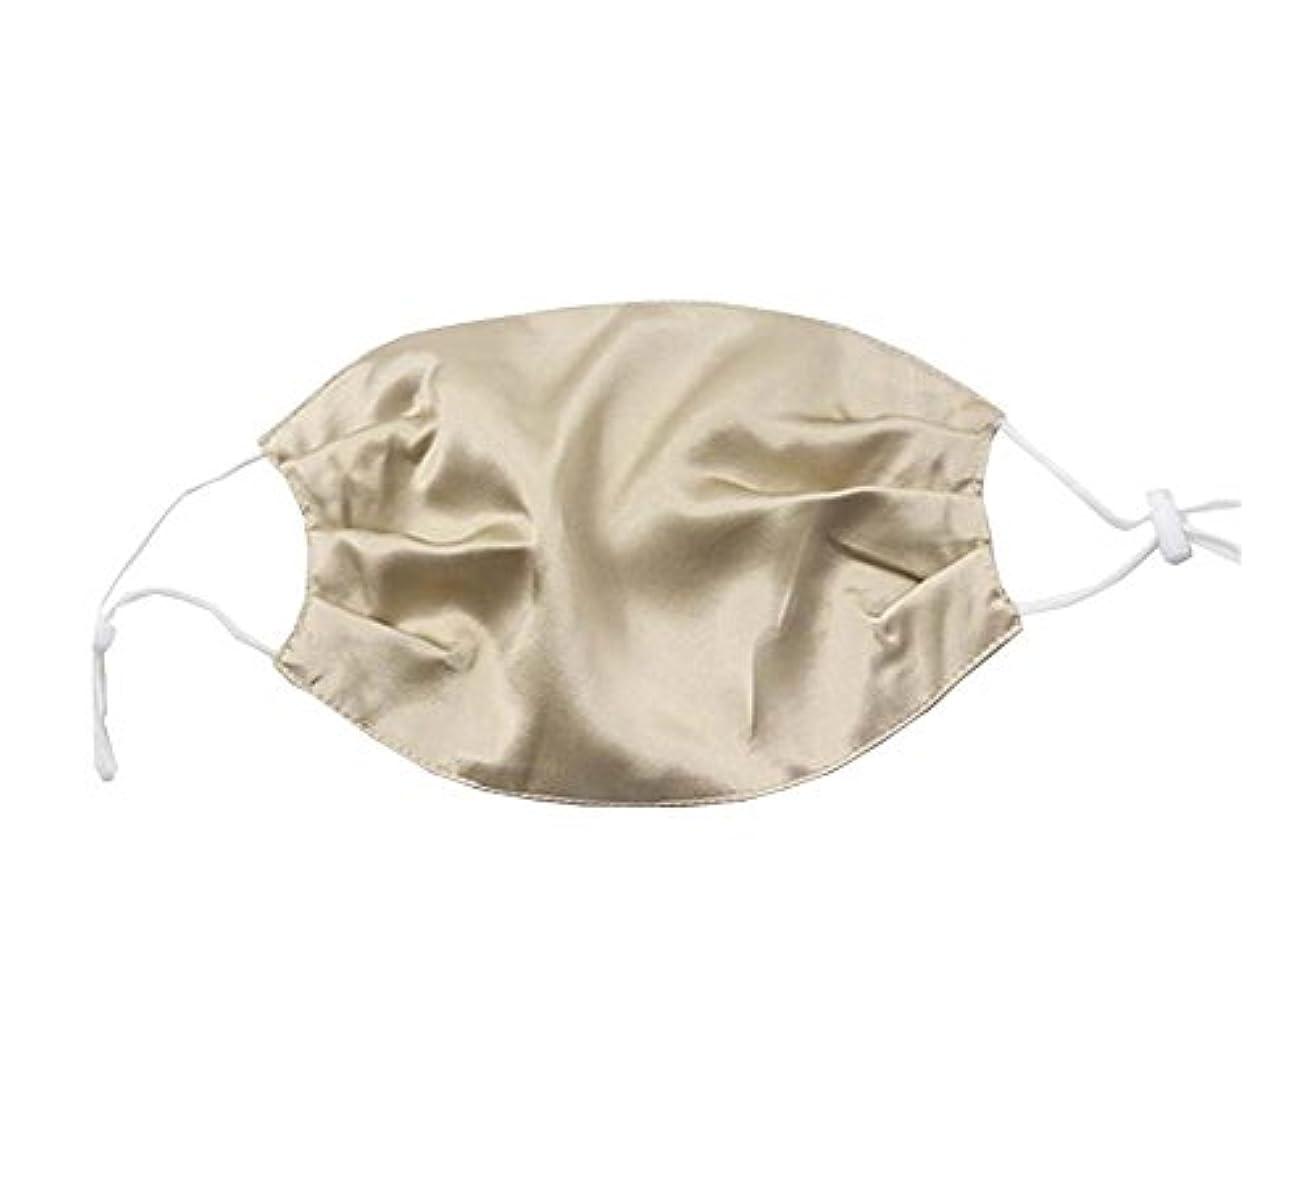 位置づけるレオナルドダ影響する少女と女性のためのエレガントな通気性の柔らかいシルクの口のマスク